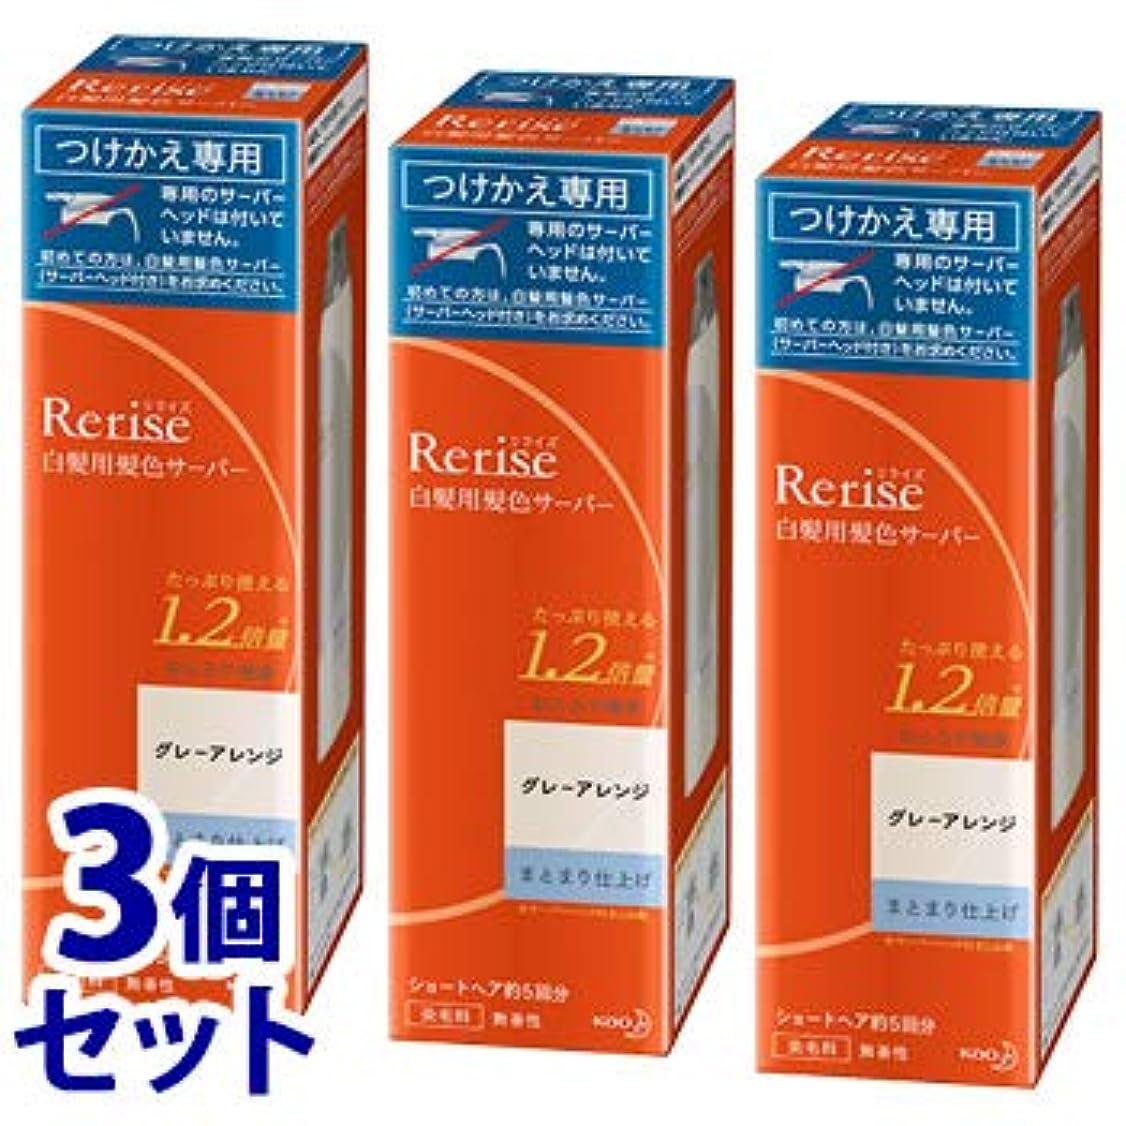 前兆主要なと遊ぶ《セット販売》 花王 リライズ 白髪用髪色サーバー グレーアレンジ まとまり仕上げ つけかえ用 (190g)×3個セット 付け替え用 染毛料